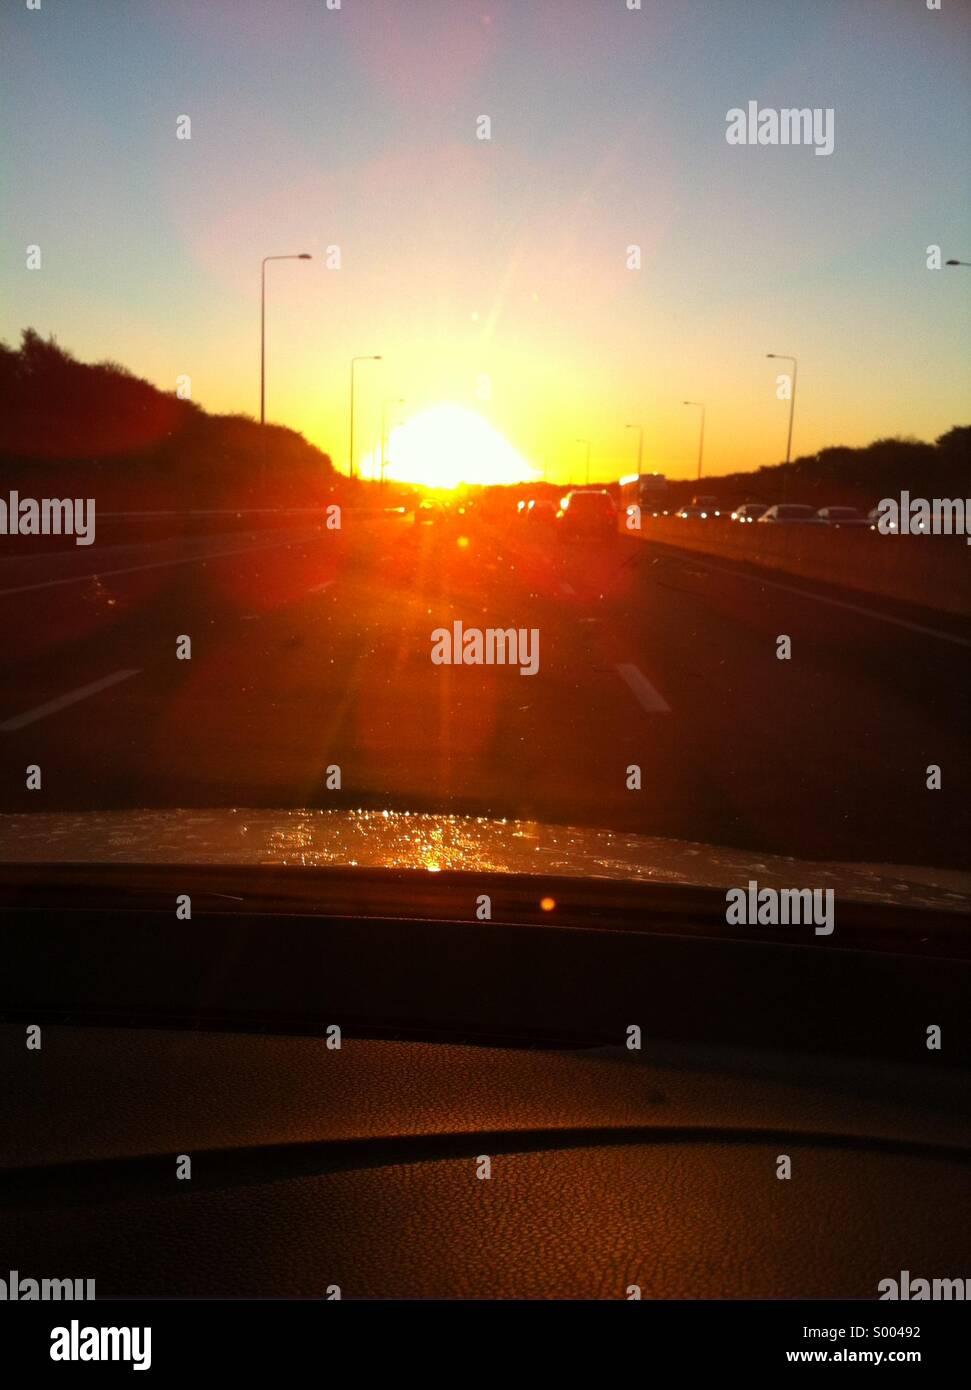 Sunrise on the M62 - Stock Image